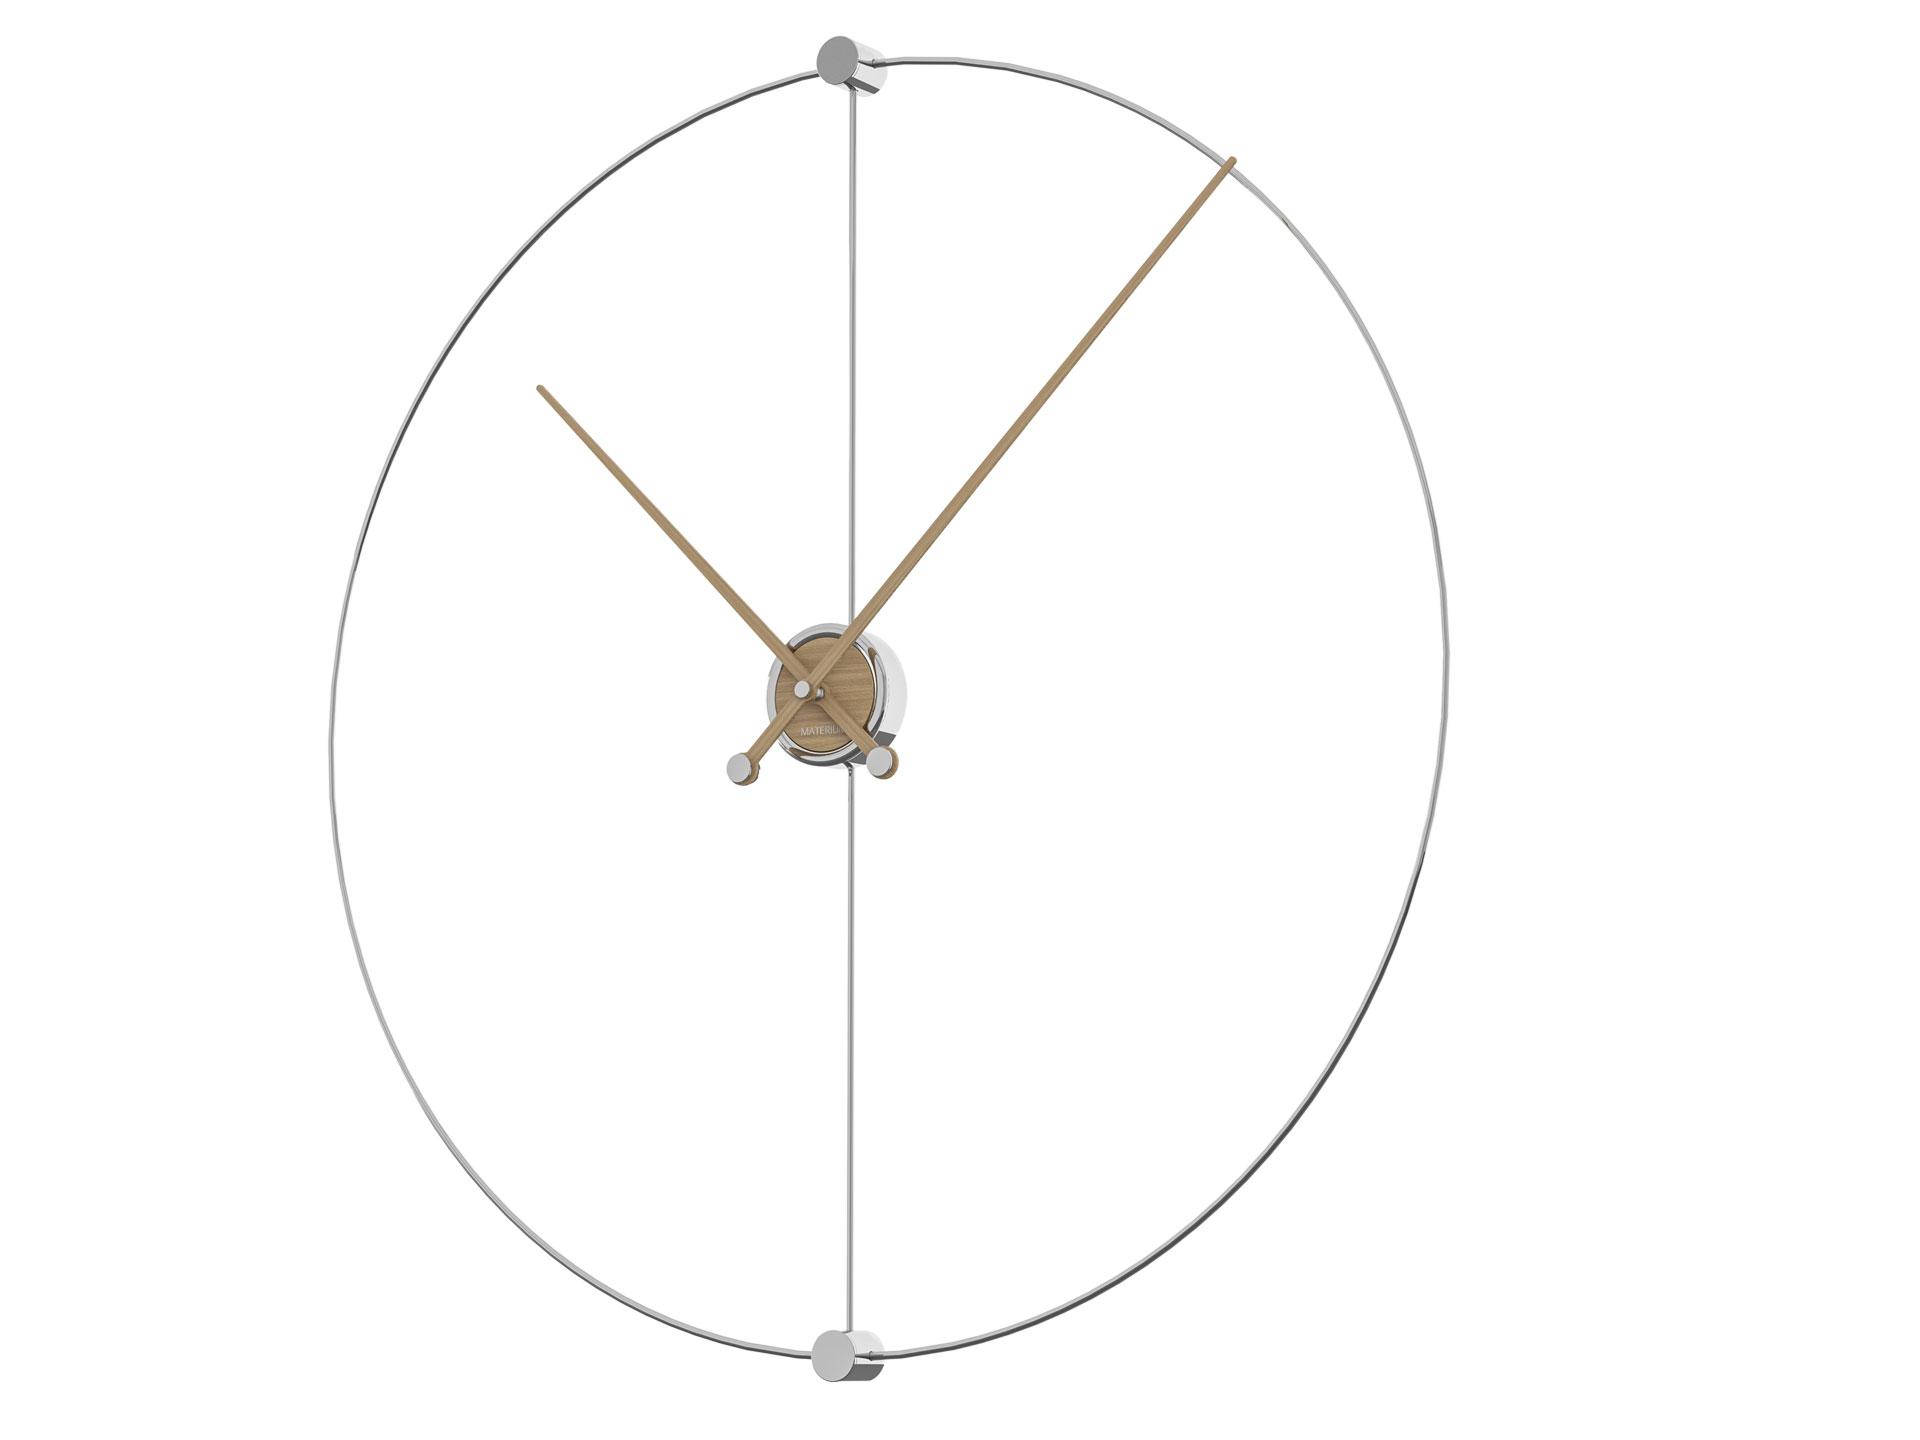 EUCLIDEO-90-CROMO-ROVERE